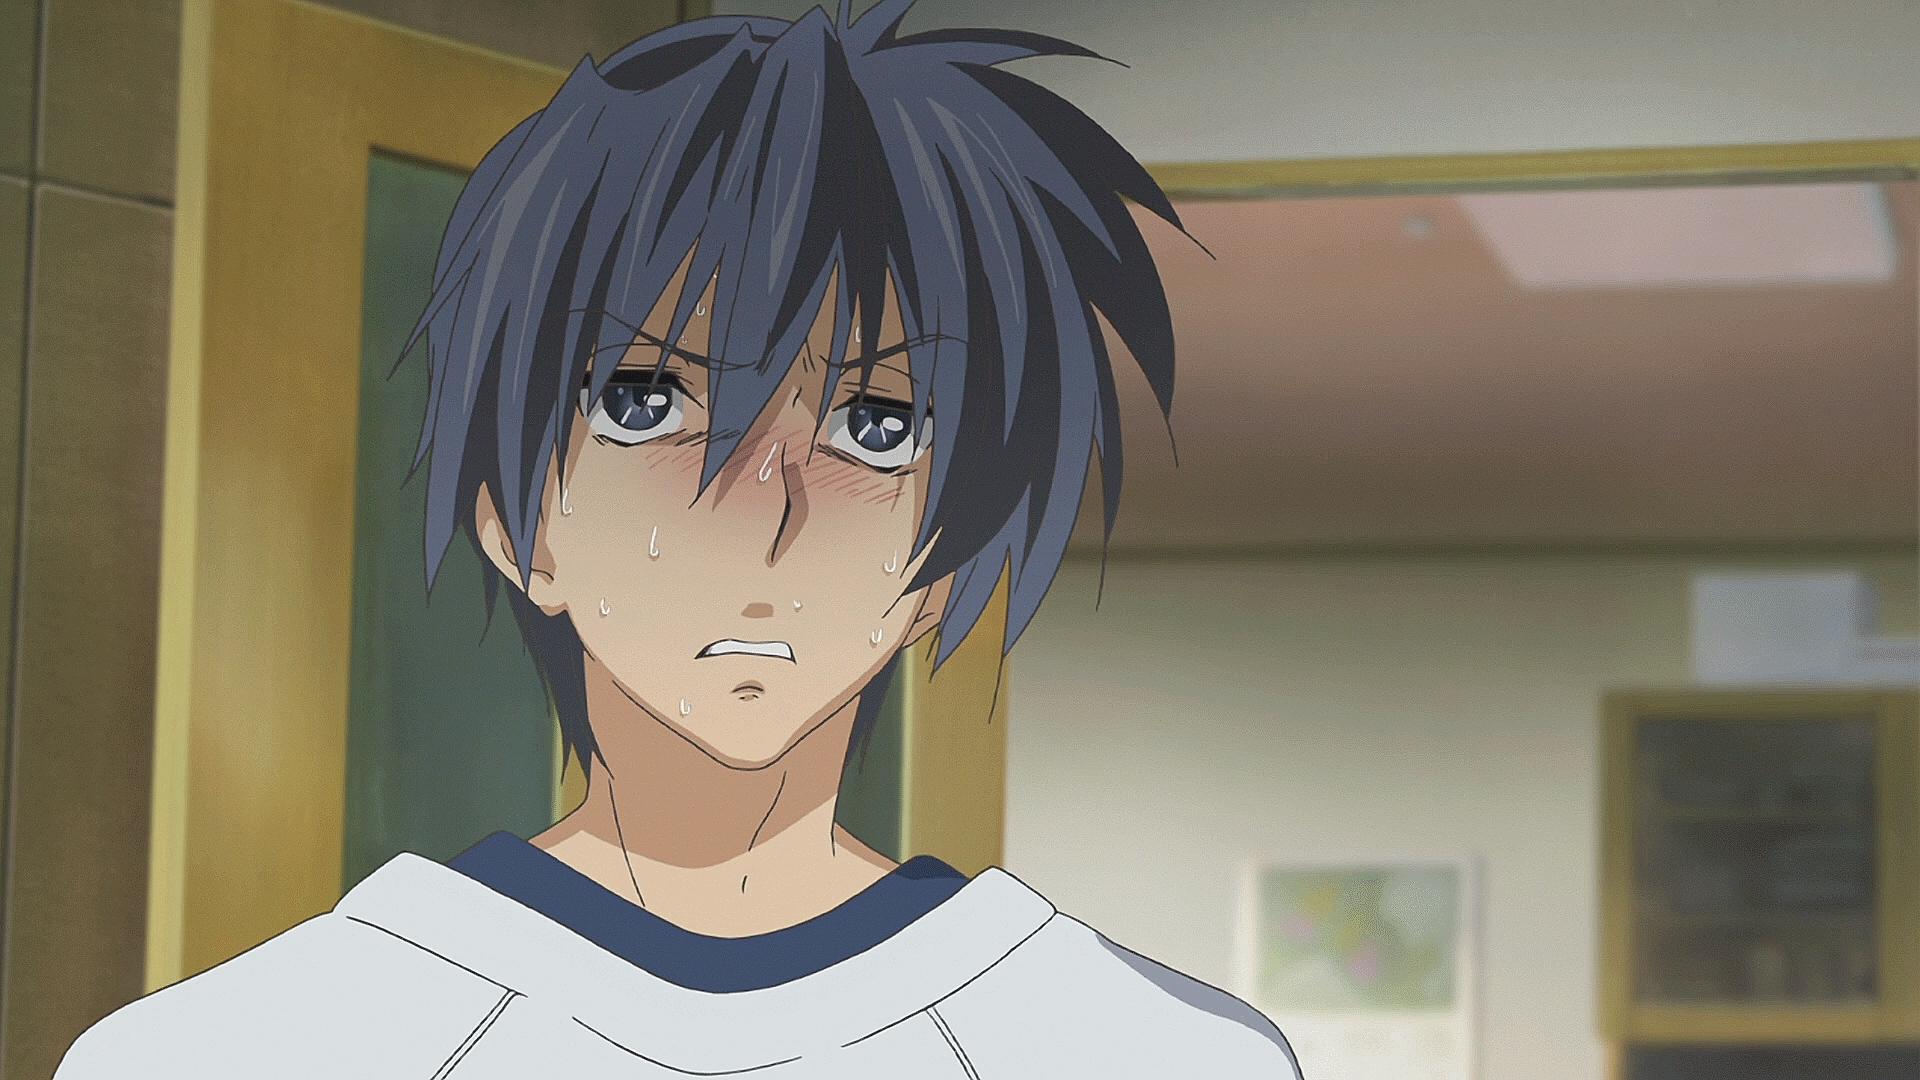 anime, awwnime, pso2,  GIFs